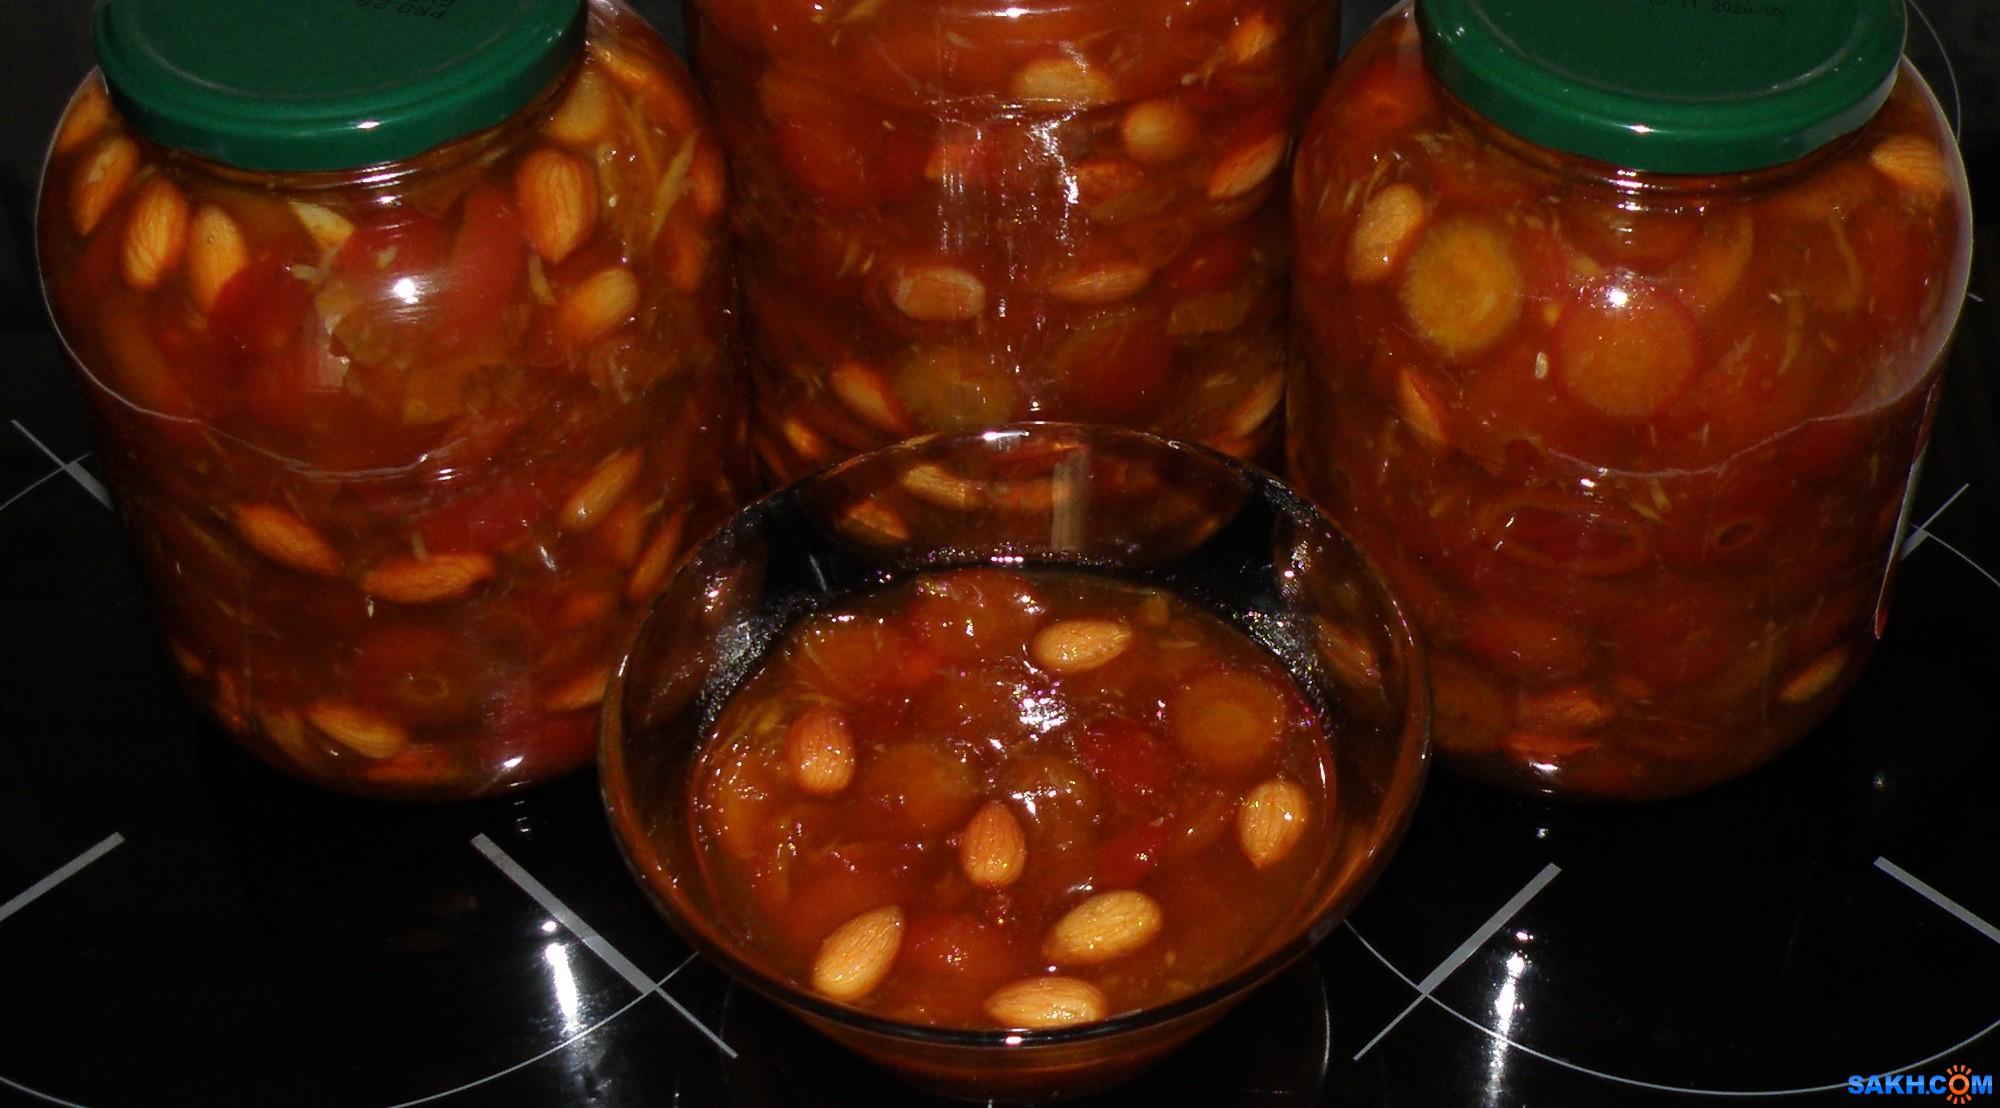 tasya: Варенье из морского шиповника, апельсина и миндаля.